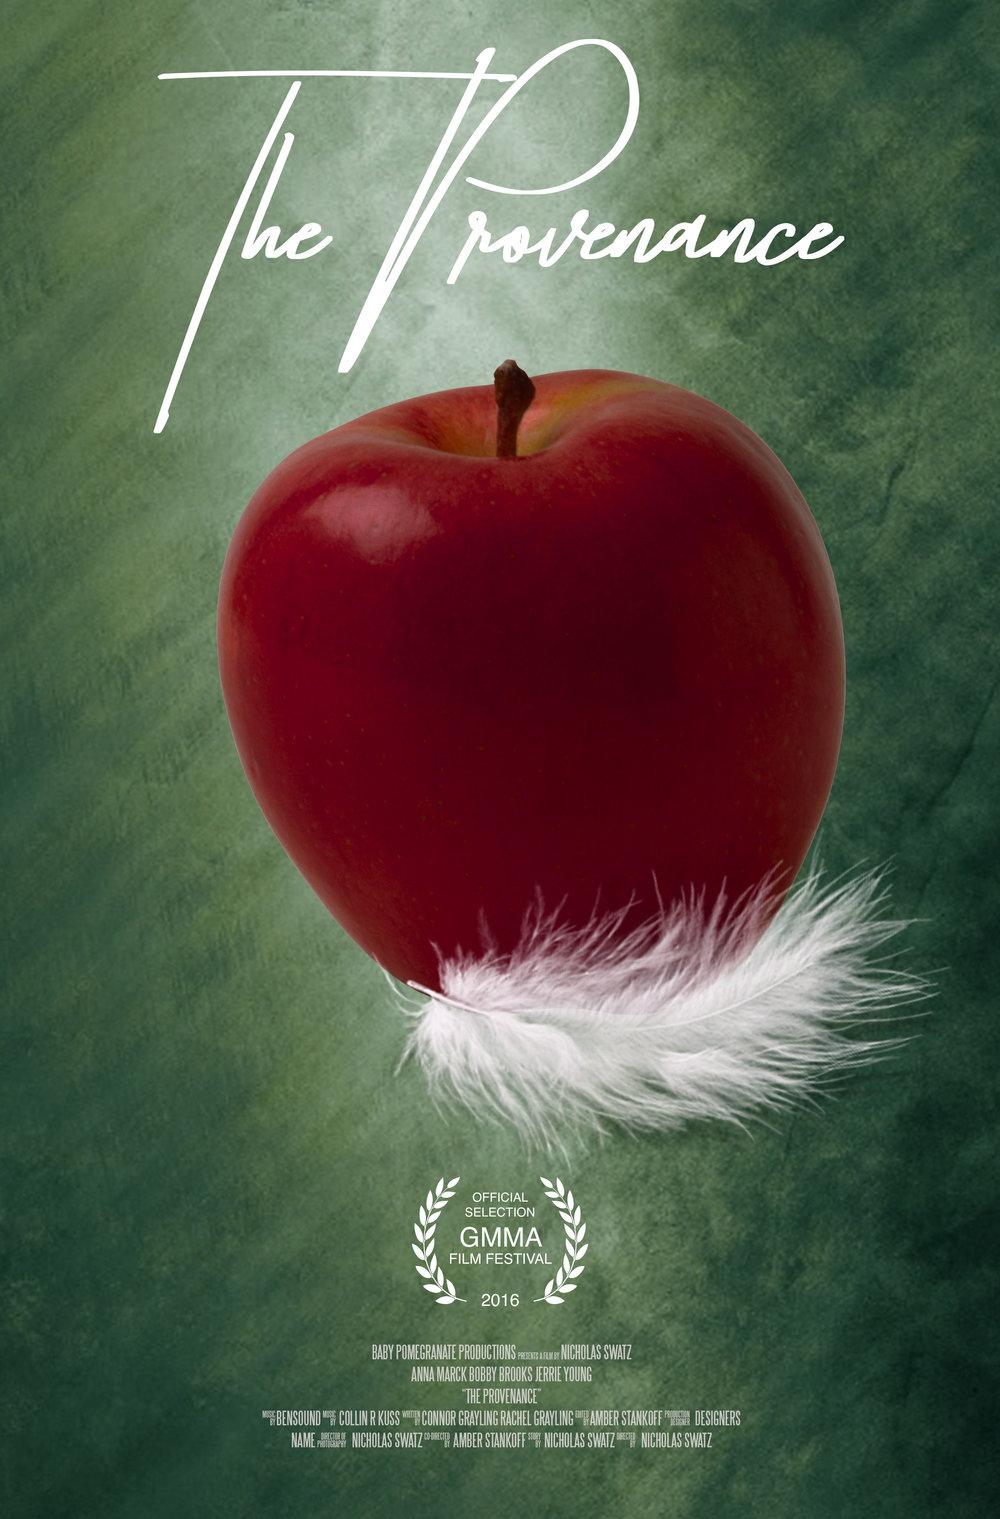 Provenace Poster.jpg